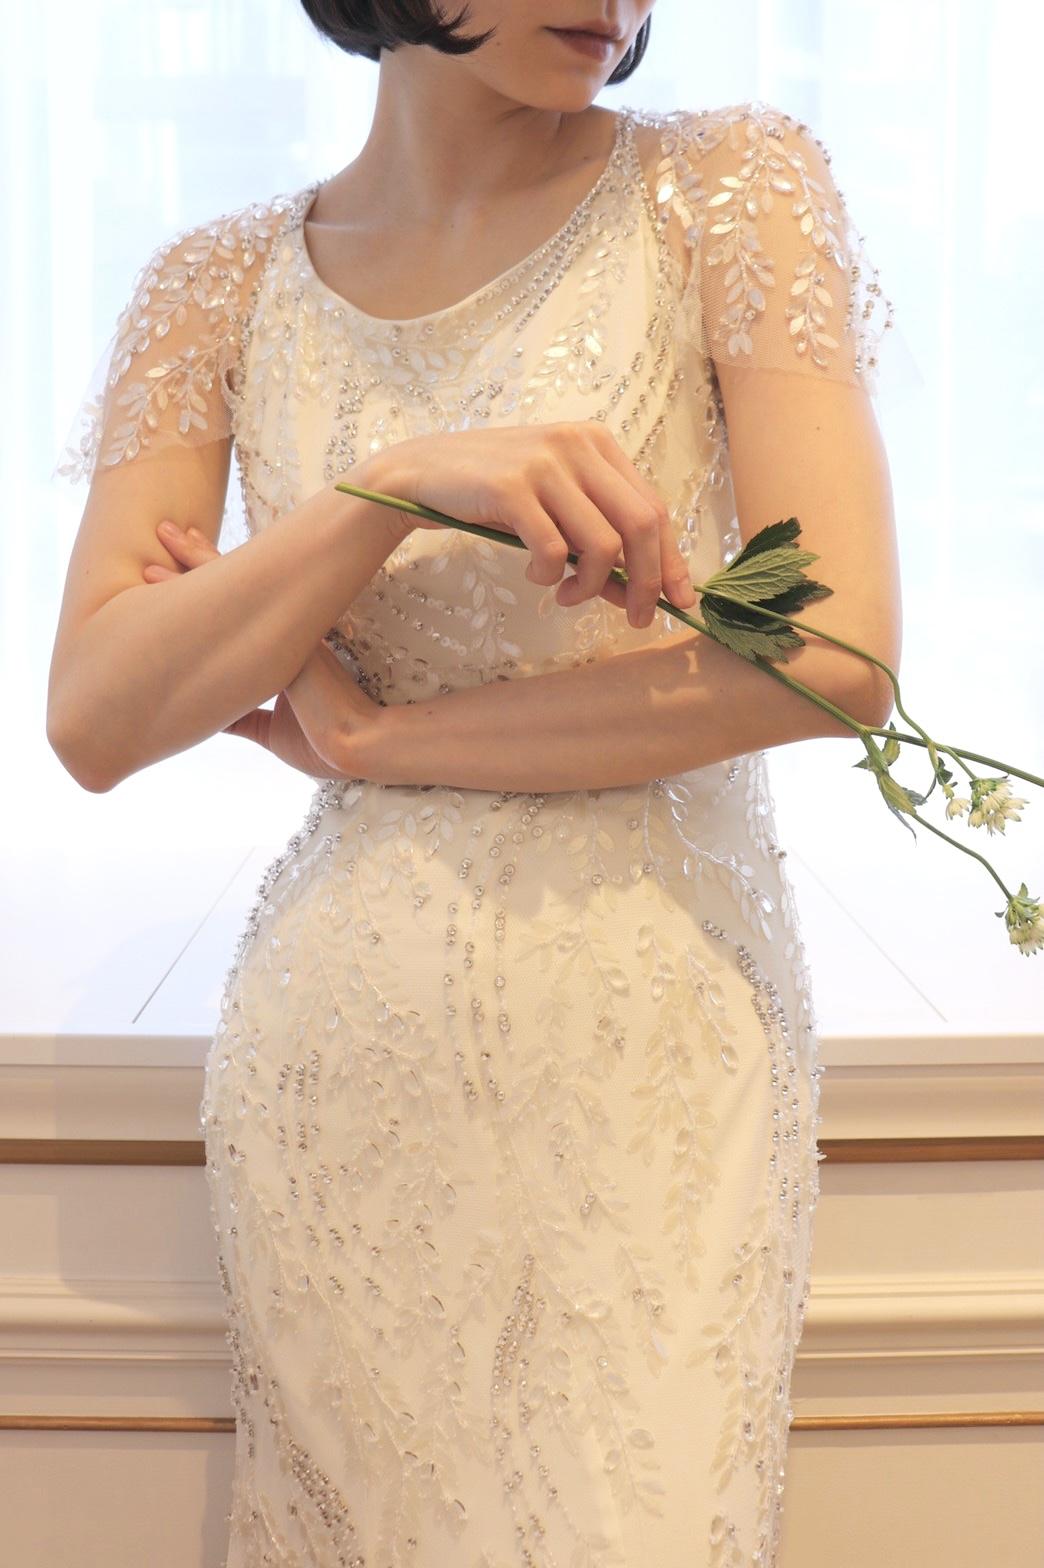 ジェニーパッカムのきらきらと輝くスレンダーラインのウェディングドレス